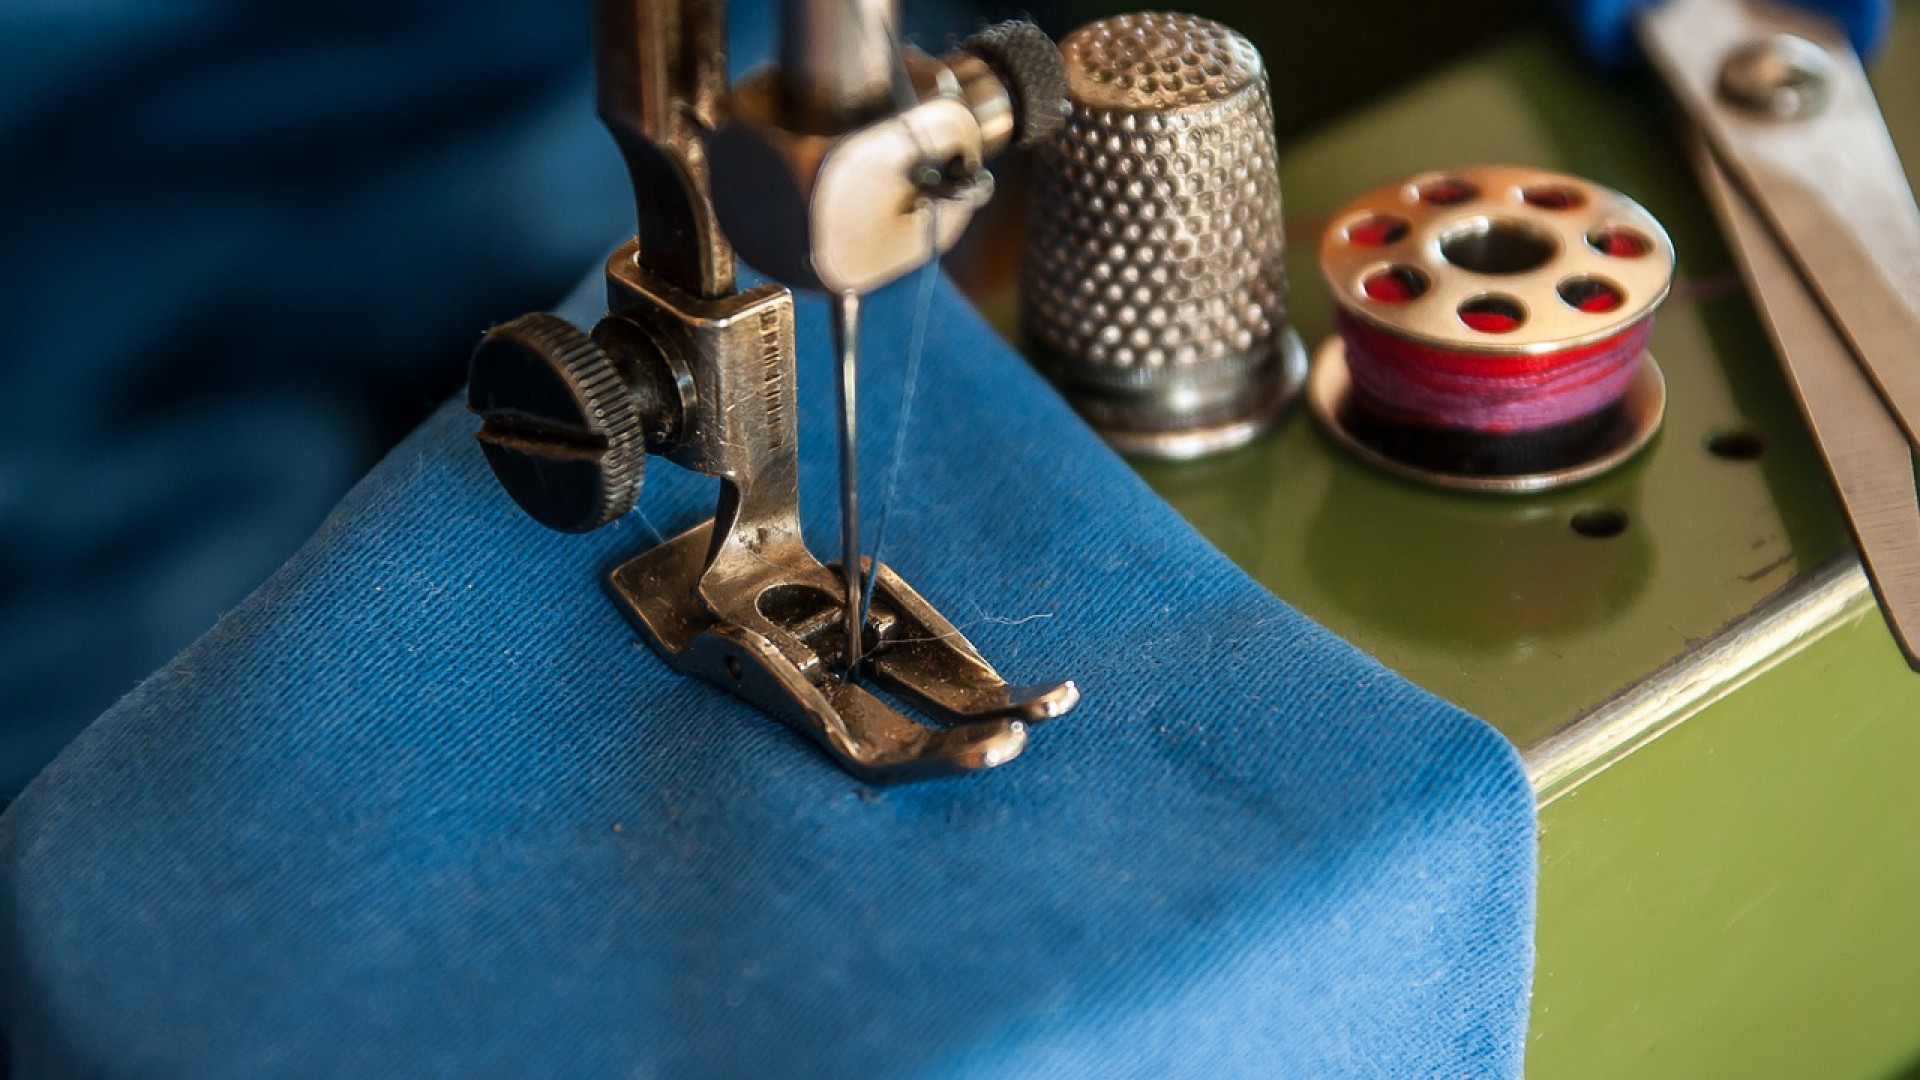 Tous les avantages de la couture pour réaliser vos propres vêtements